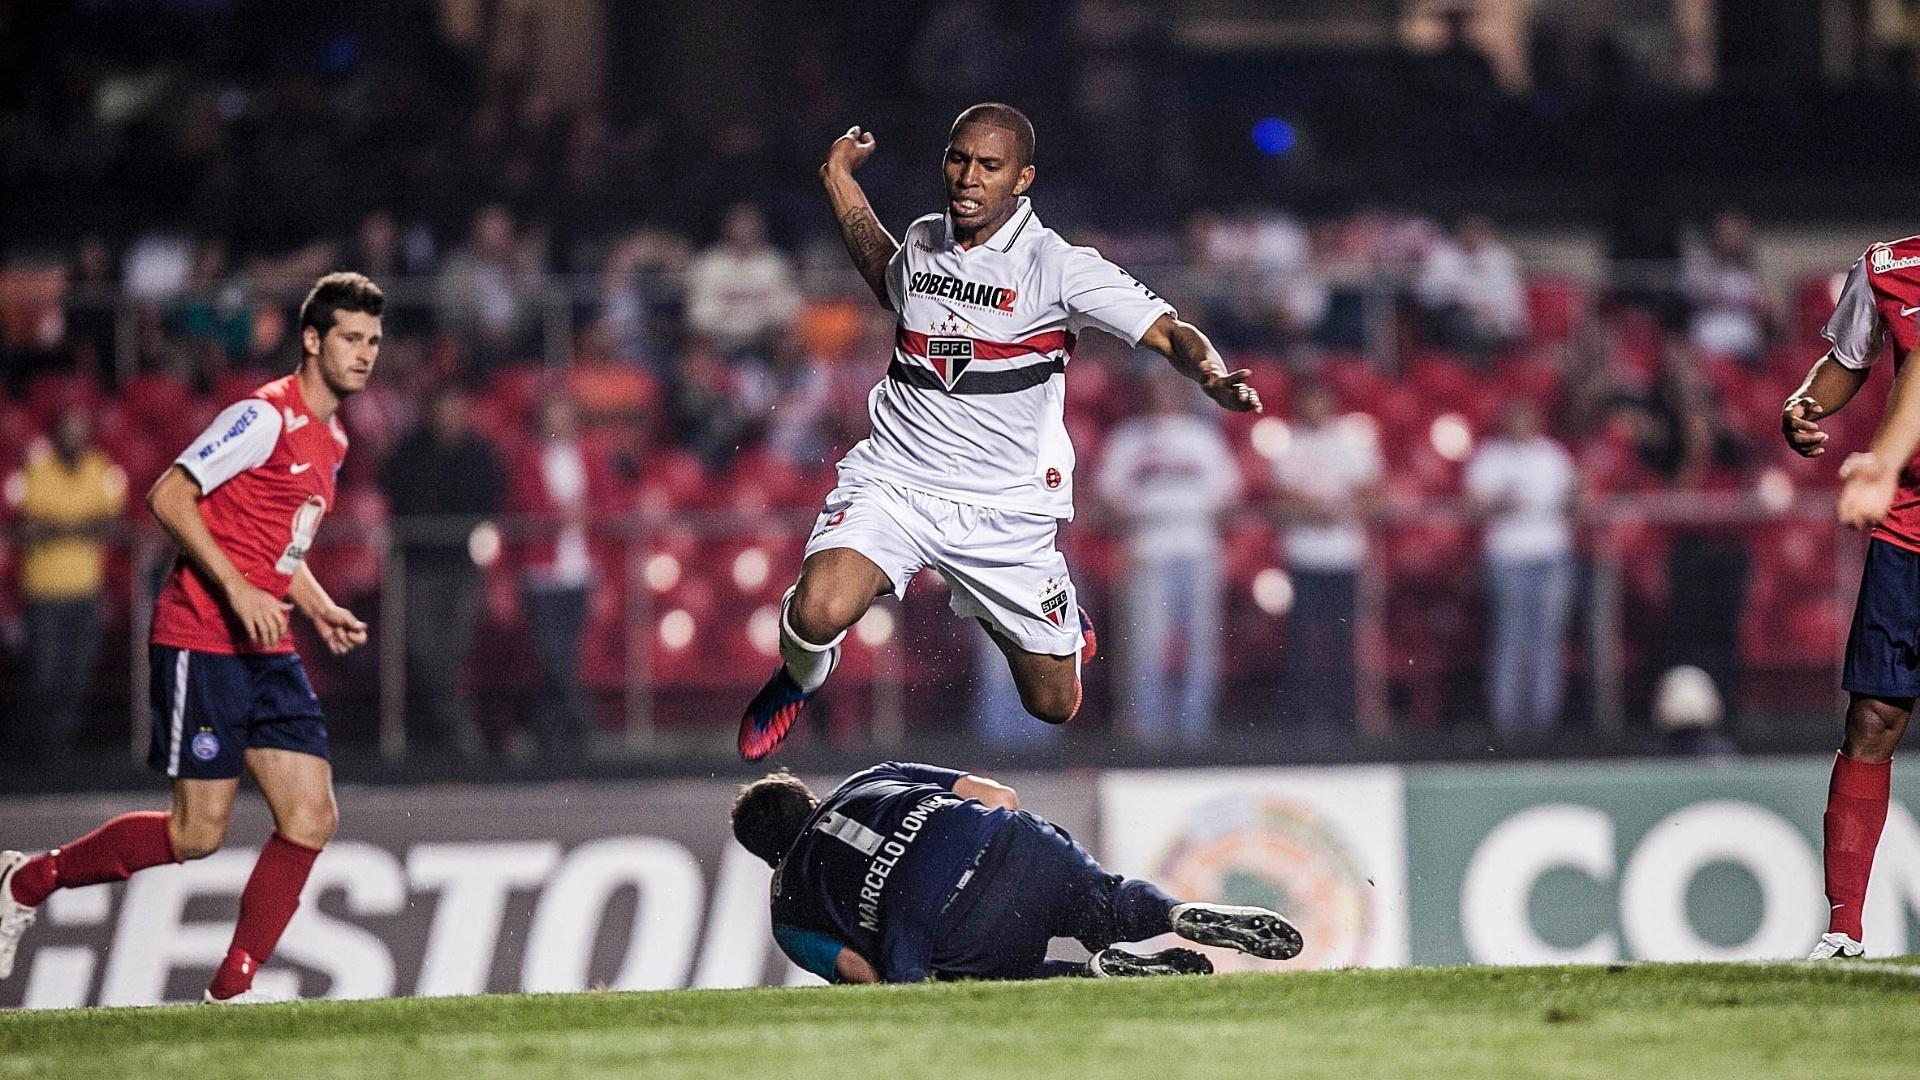 Marcelo Lomba sai do gol e fica com a bola, obrigando Paulo Miranda a saltar para evitar o choque com o goleiro do Bahia